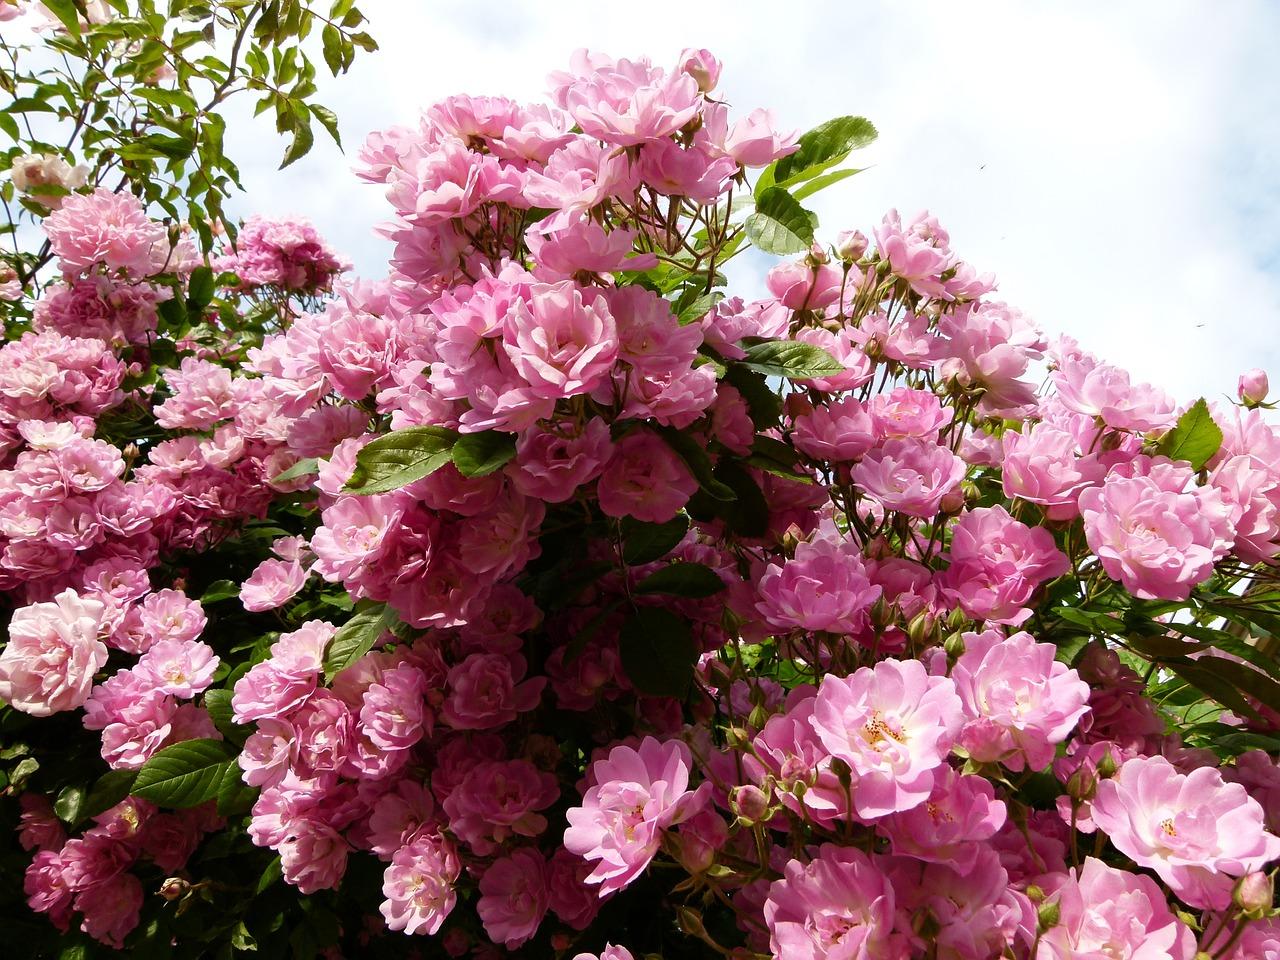 Quand Et Comment Tailler Un Rosier conseils mensuels pour avoir de beaux rosiers toute l'année?